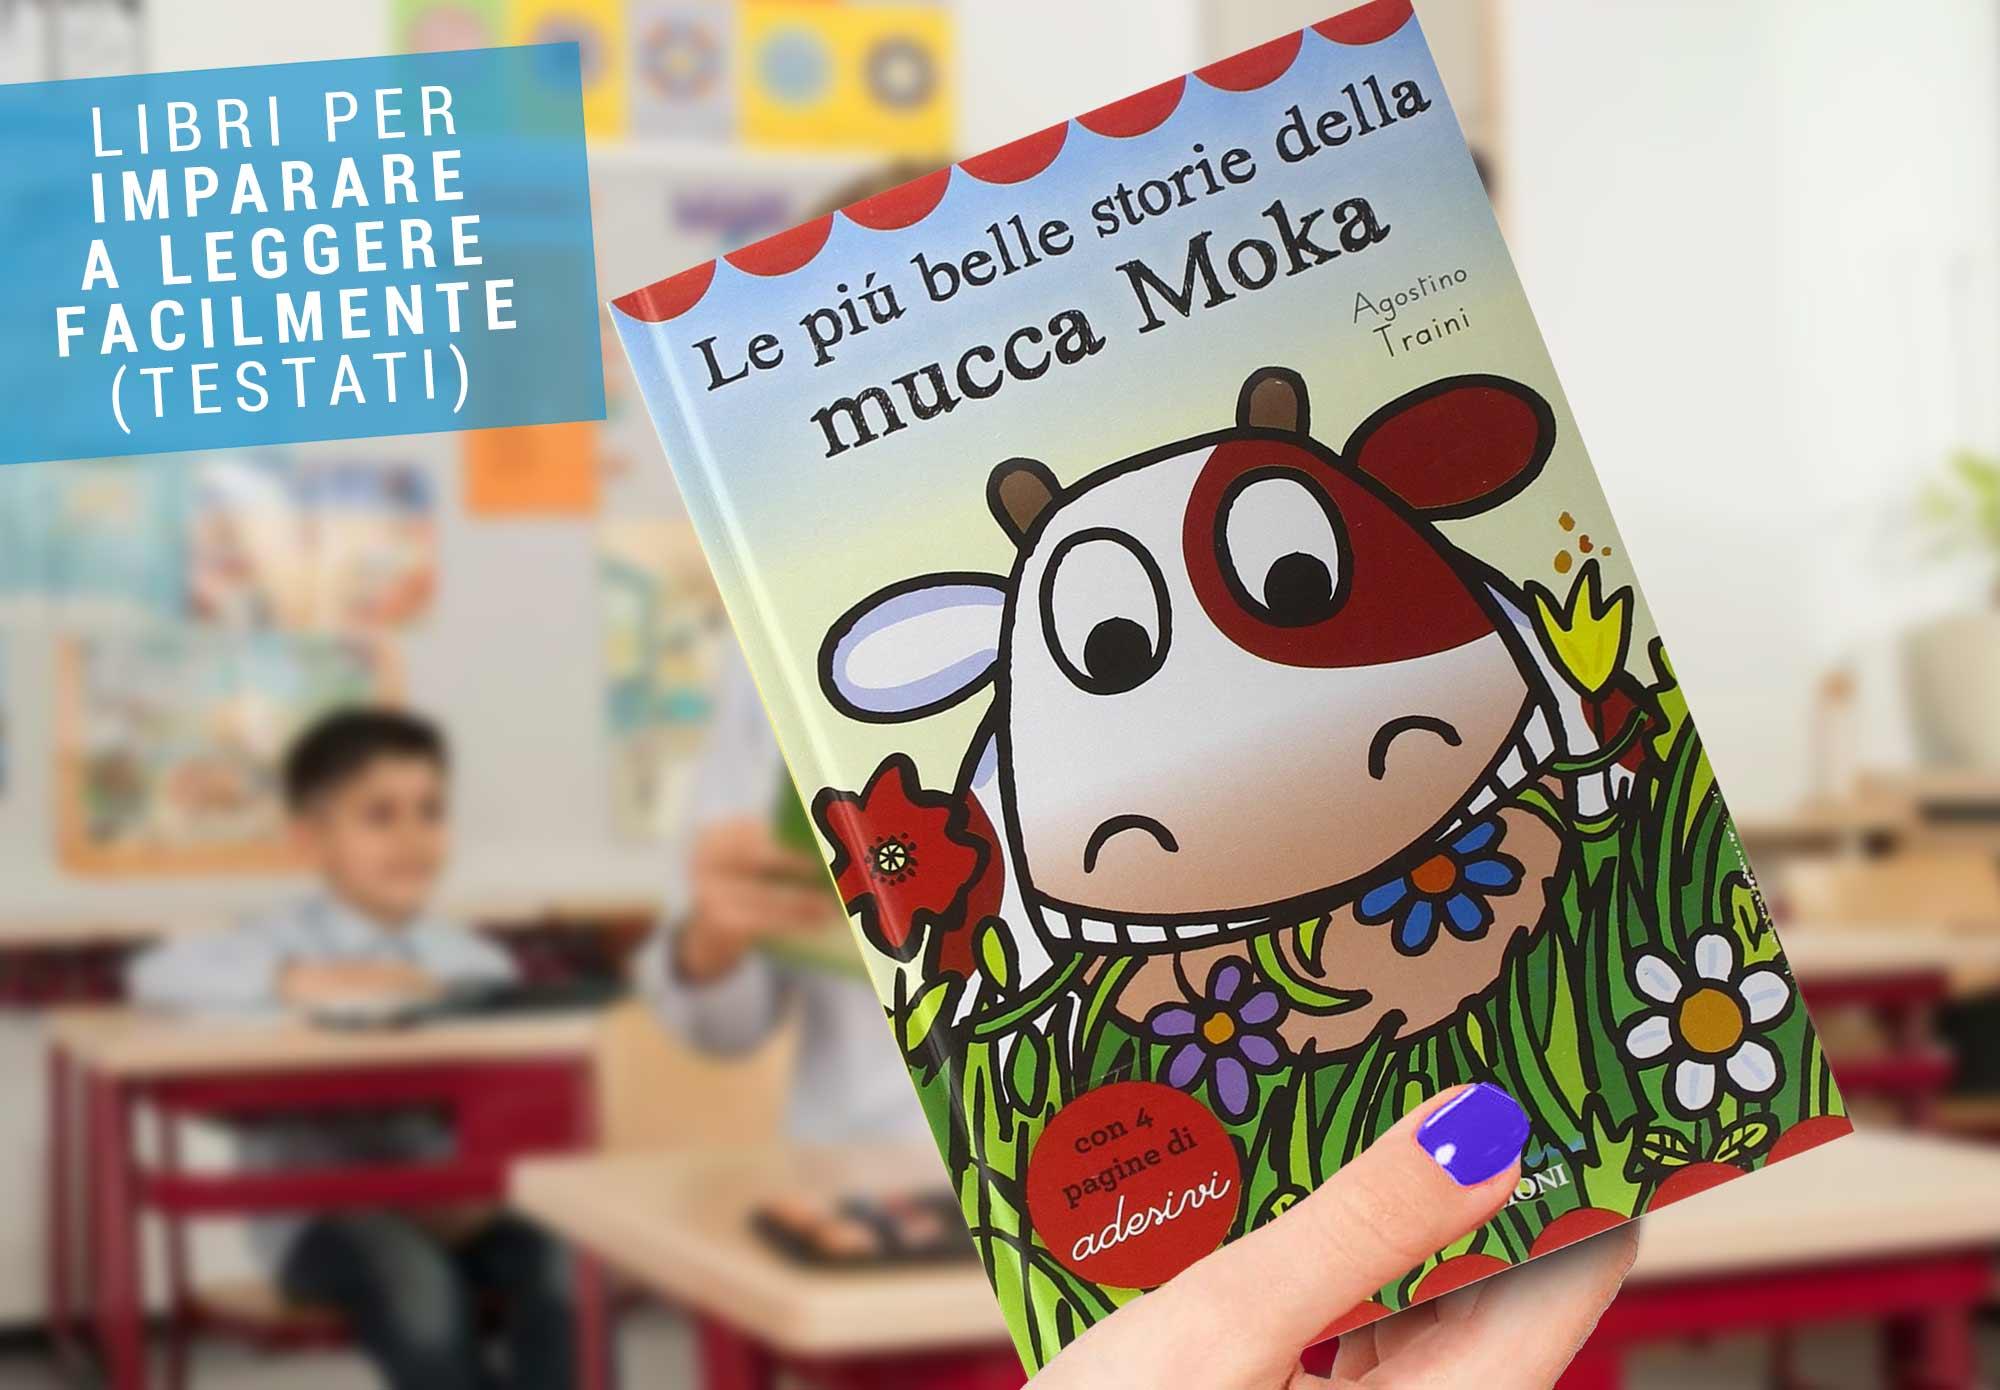 libro-imparare-a-leggere-bambino-mukka-moka